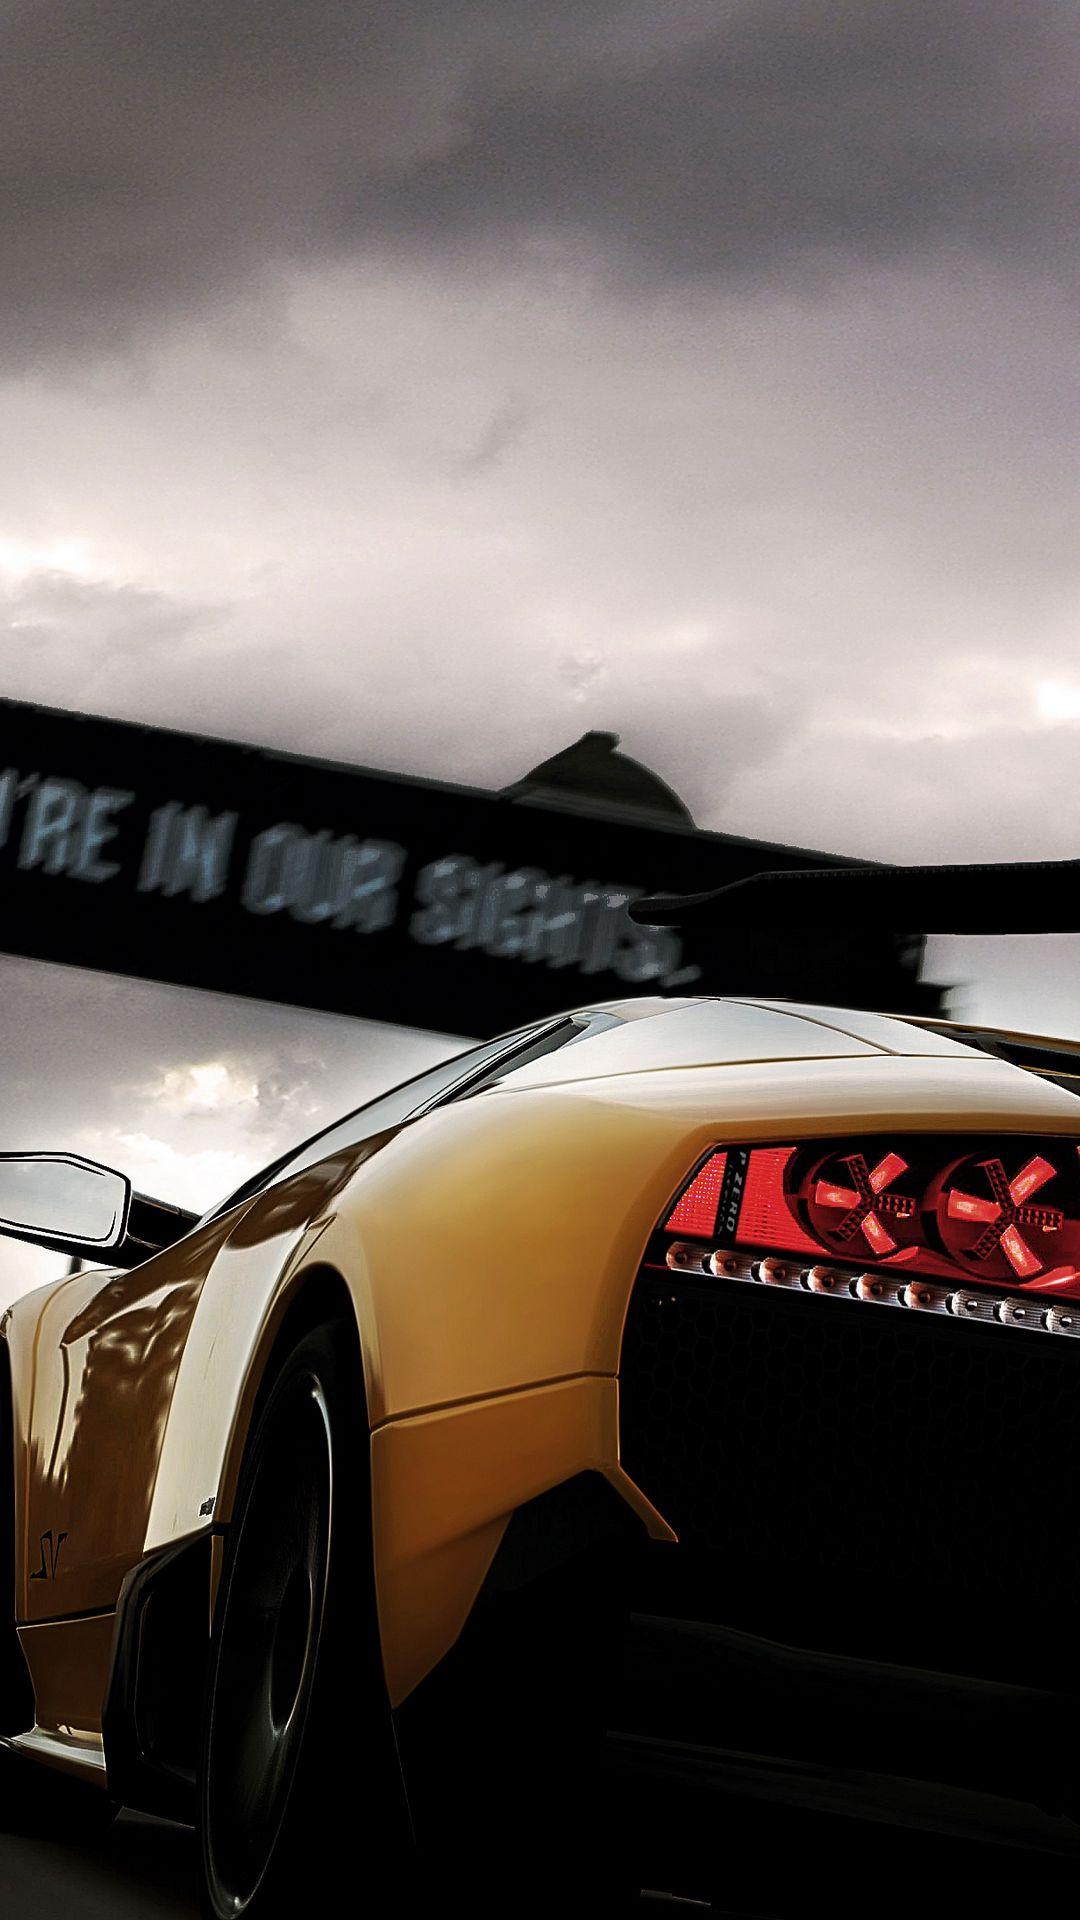 Lamborghini Murcielago Full HD Wallpapers Free Download